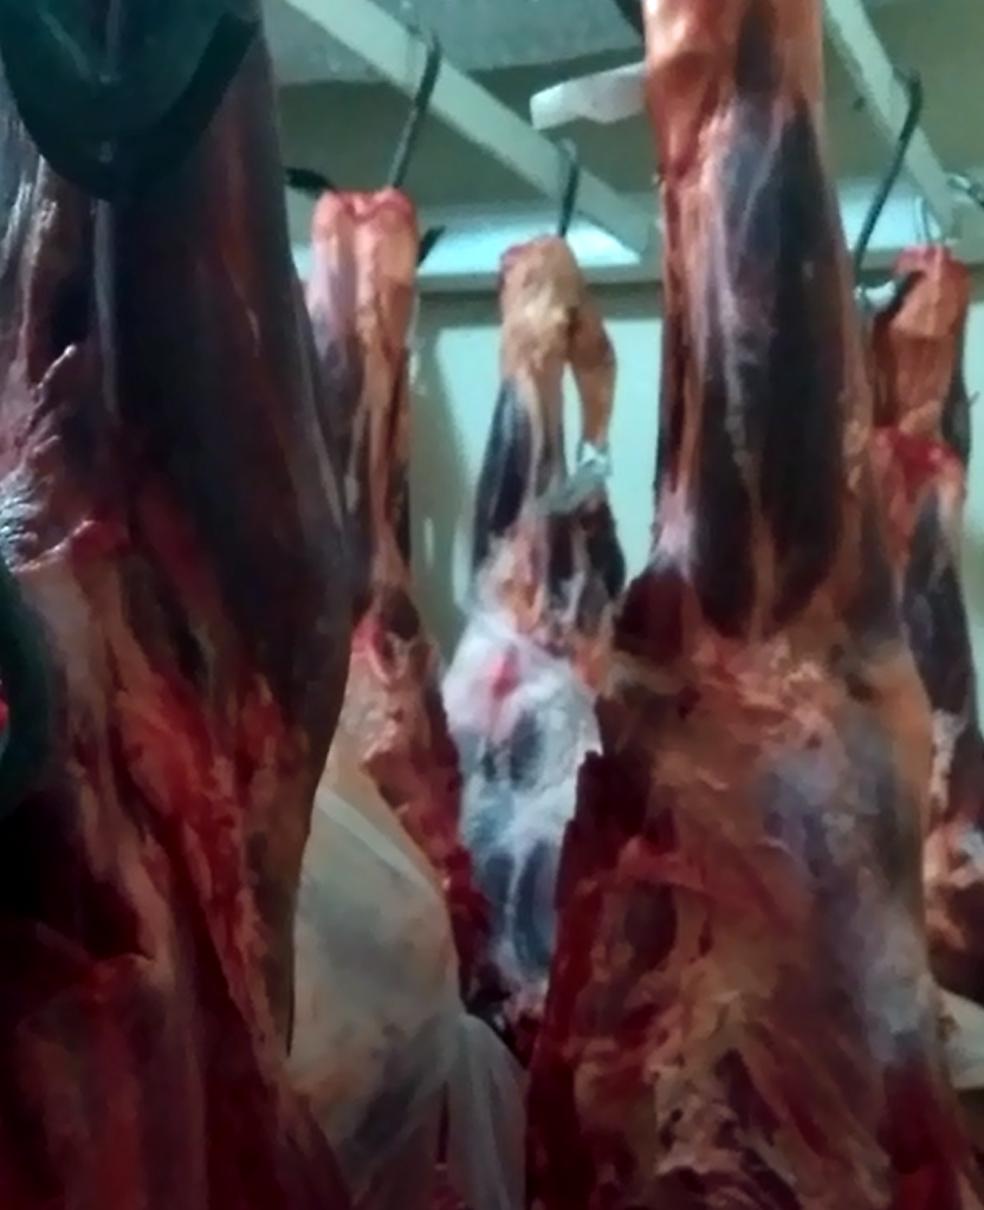 Cerca de oito toneladas de carne roubada foram apreendidas pela polícia em Rio Preto (SP) (Foto: Polícia Civil/Divulgação)